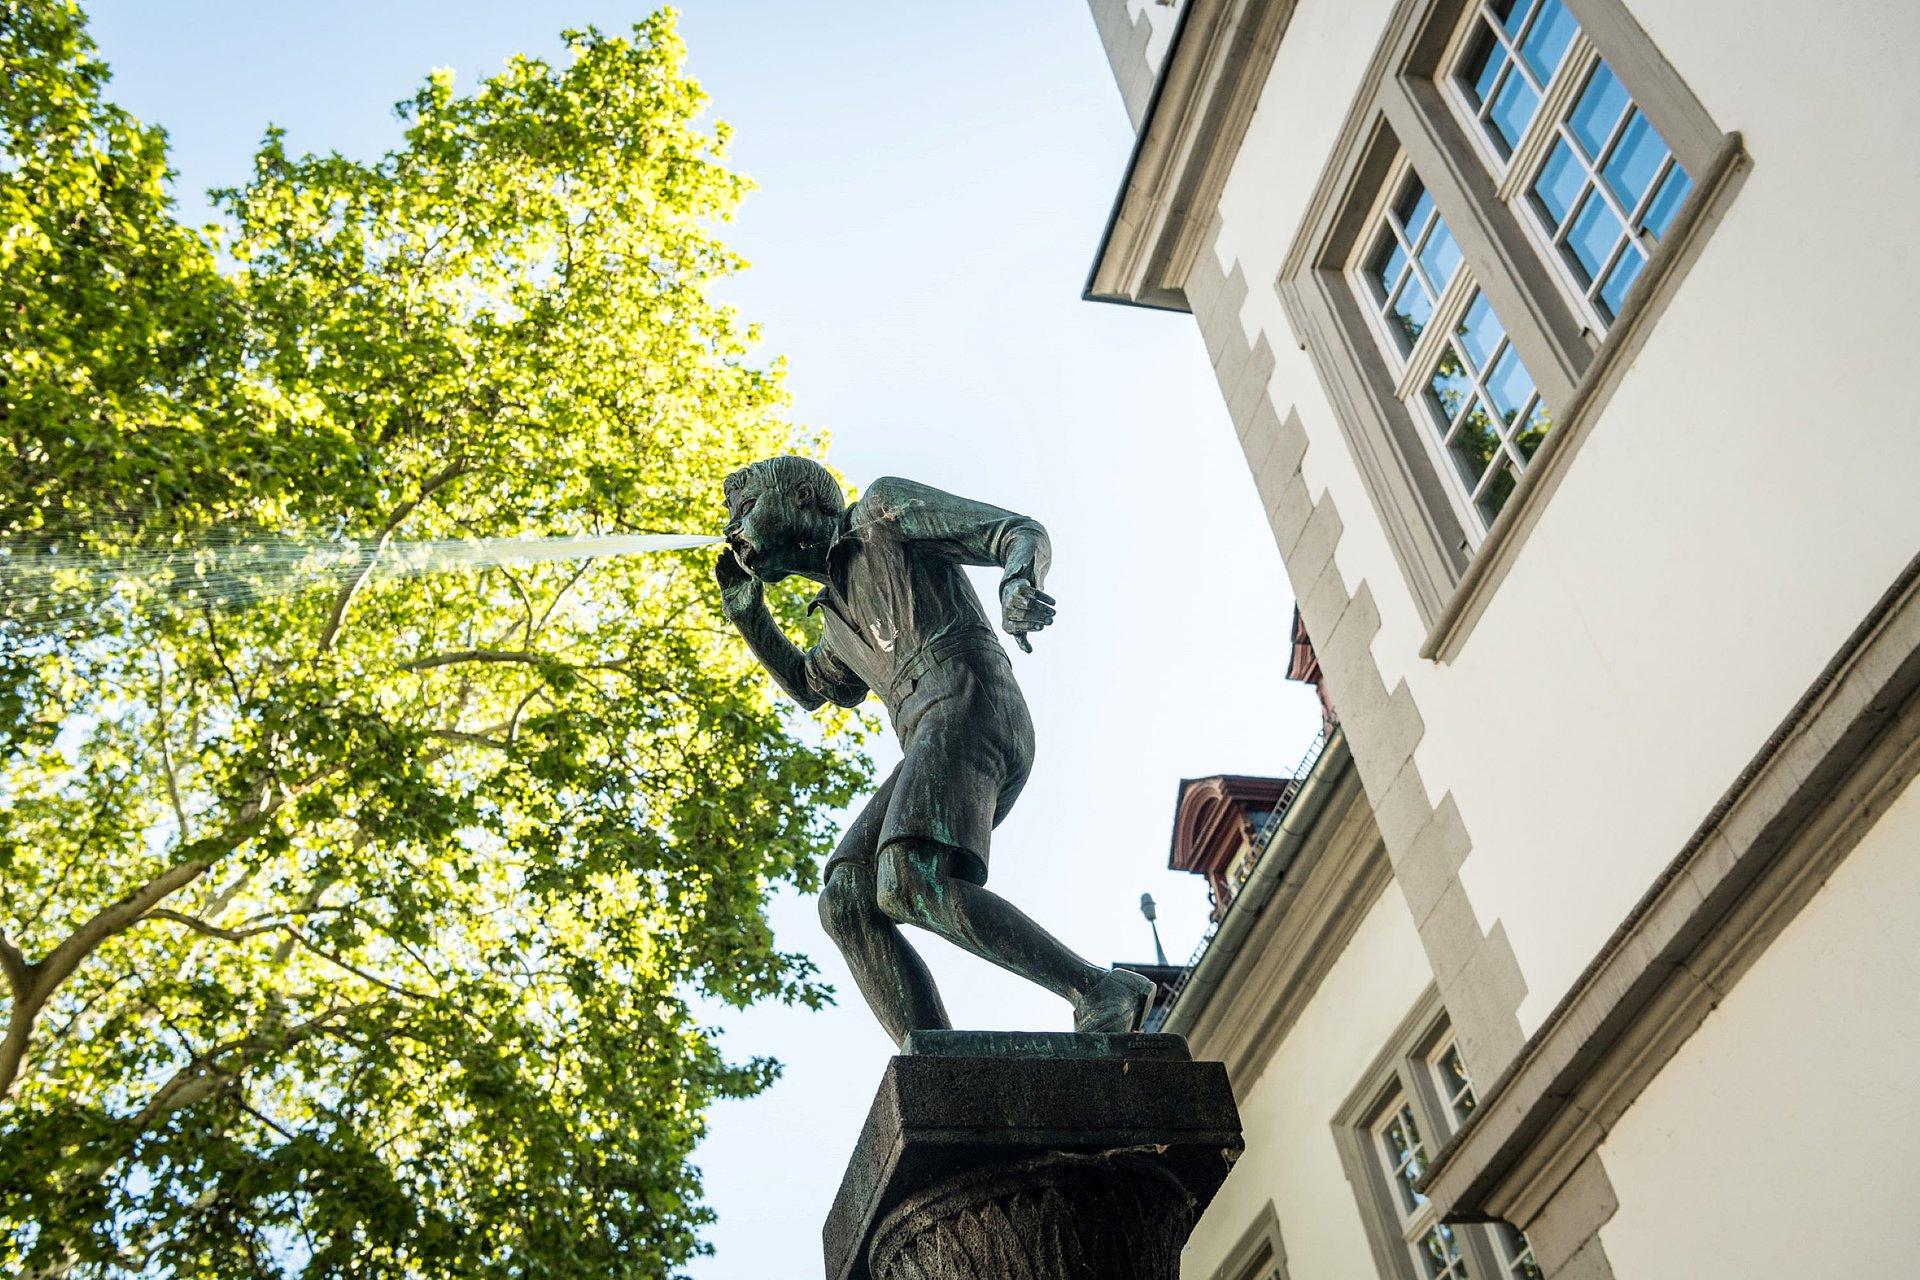 Schängelbrunnen in Koblenz, Romantischer Rhein